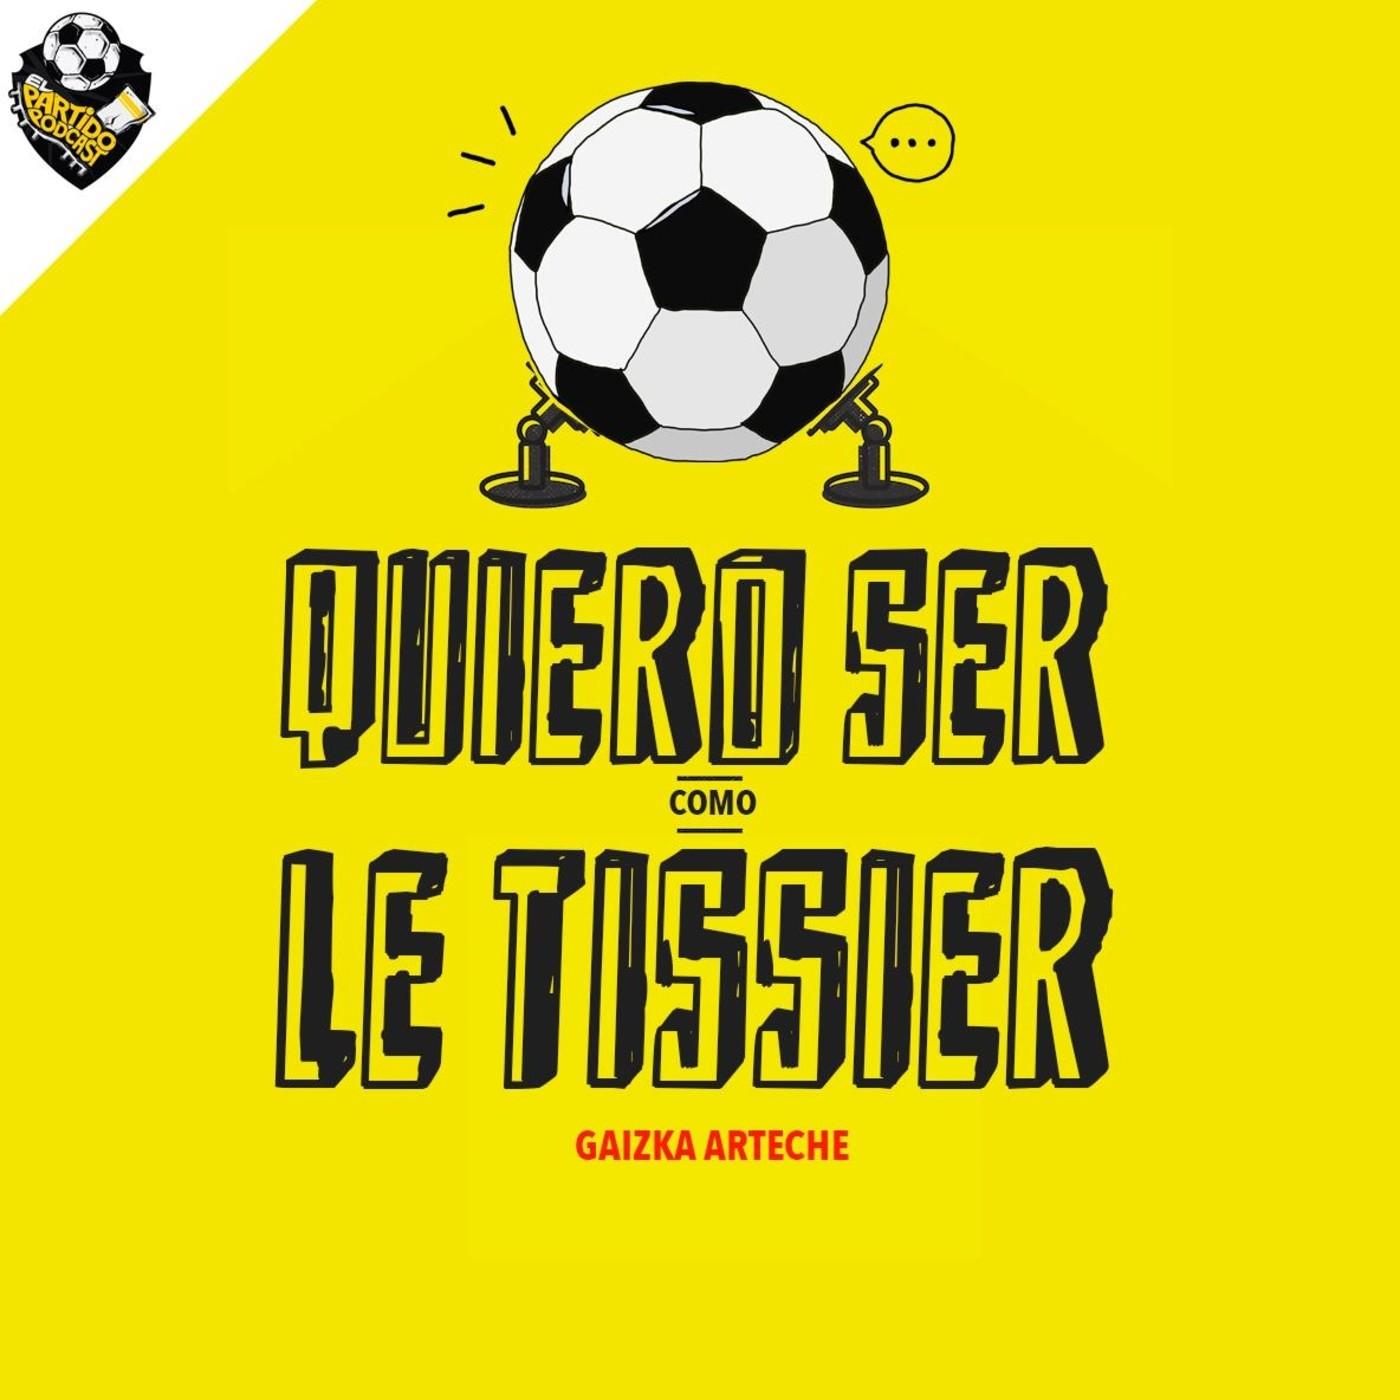 Ep 421: Quiero ser como Le Tissier 2x03 - Grandes rivalidades: El Revierderby (Borussia Dortmund - Schalke 04))